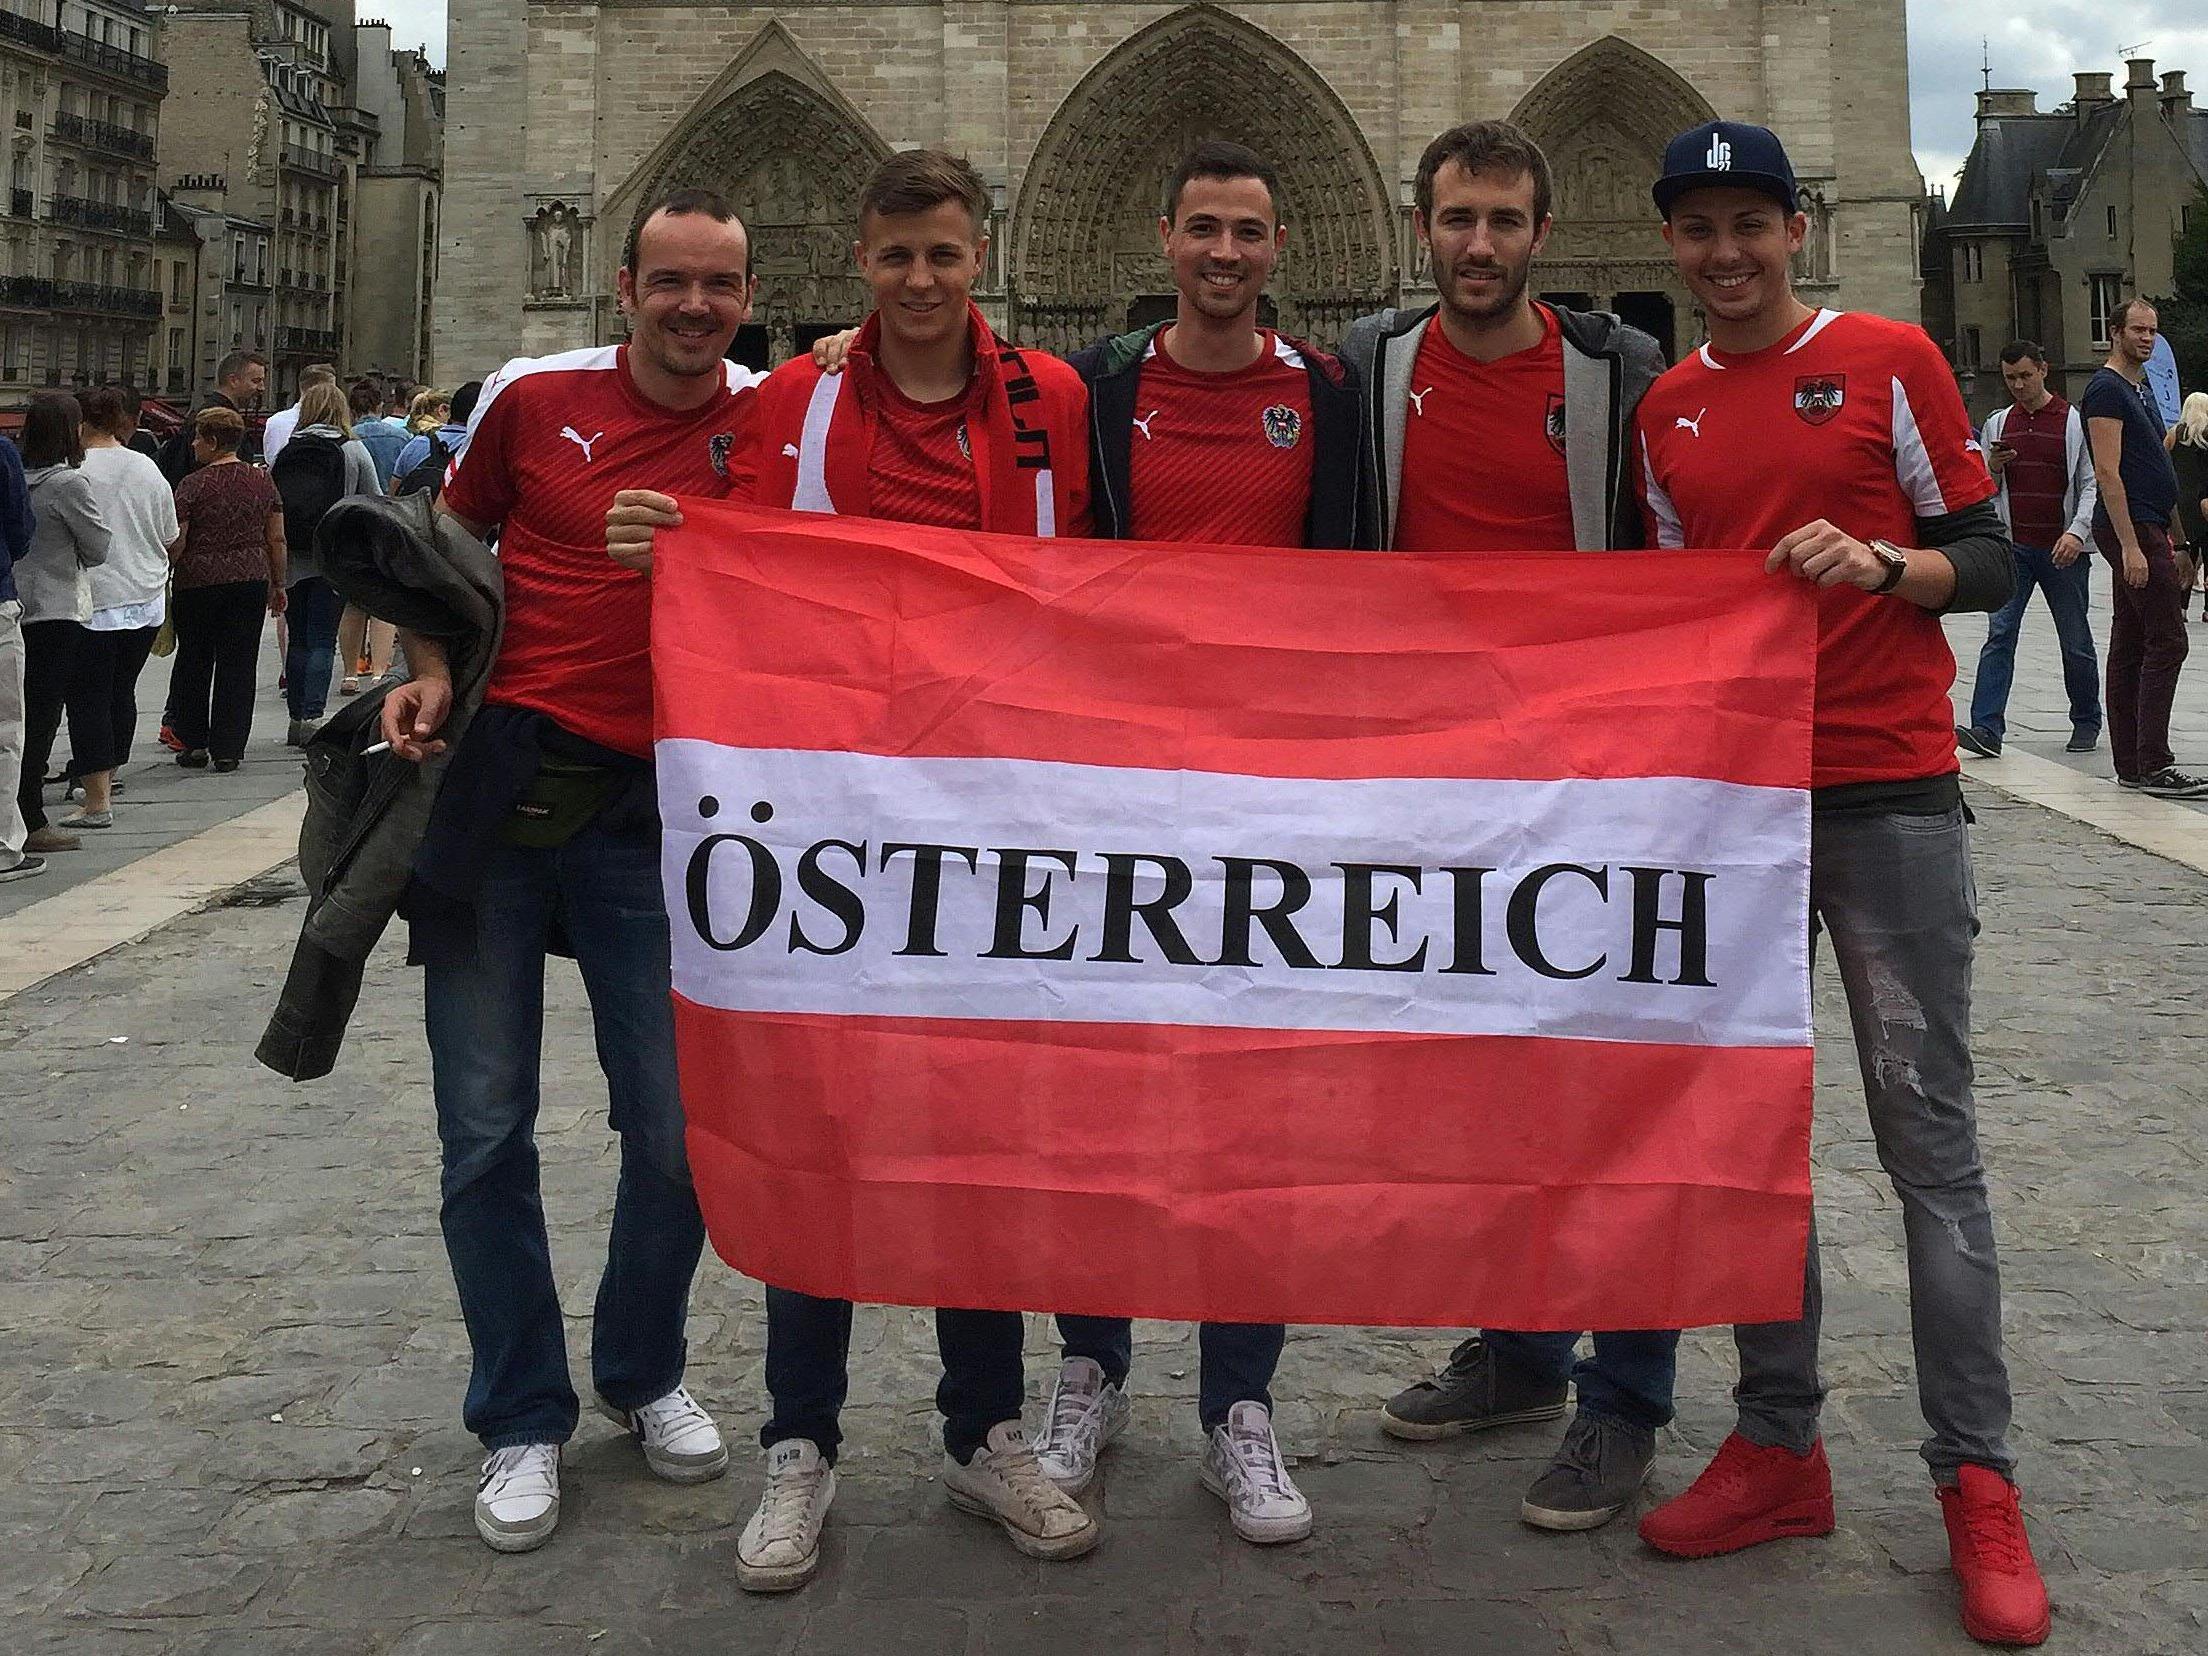 Österreich-Fans vor vor der Kathedrale Notre Dame in Paris.